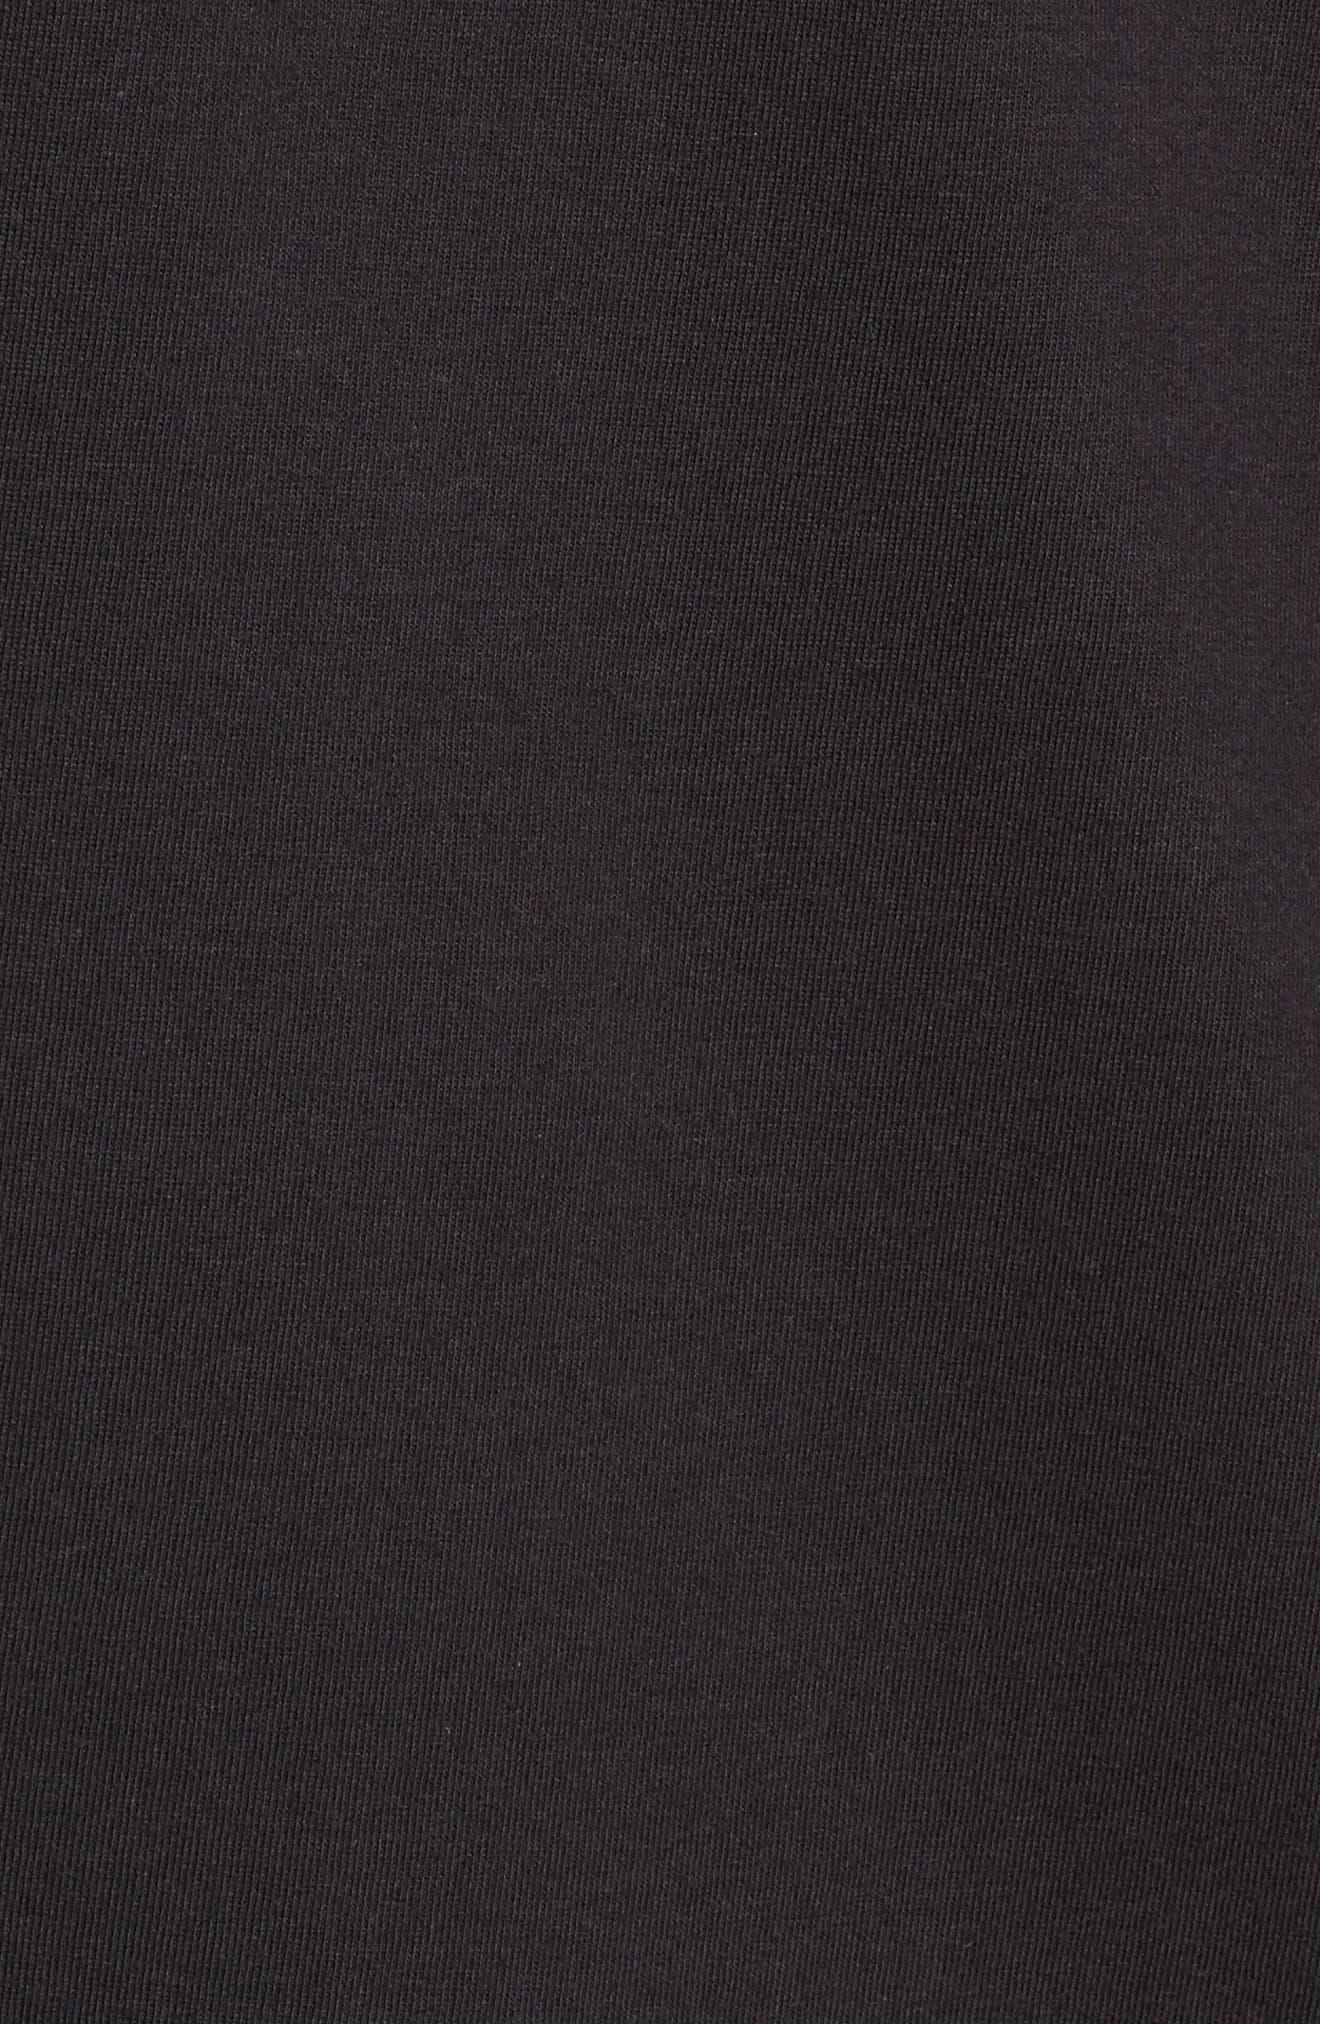 x Pendleton Long Sleeve T-Shirt,                             Alternate thumbnail 5, color,                             010